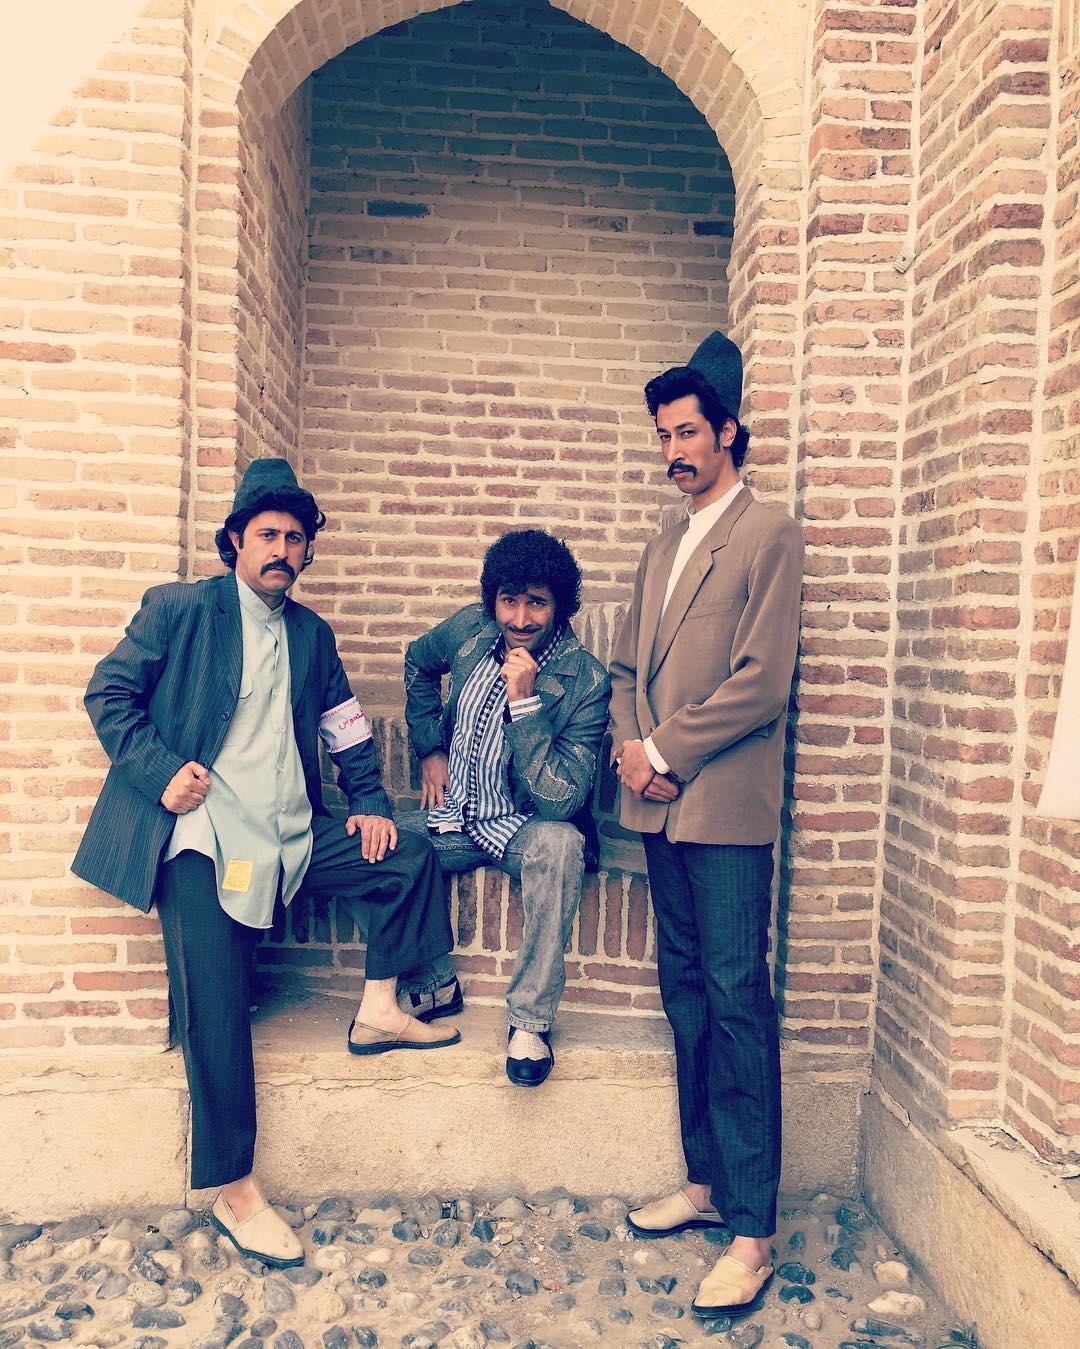 بازیگران سریال علی البدل در پشت صحنه سریال